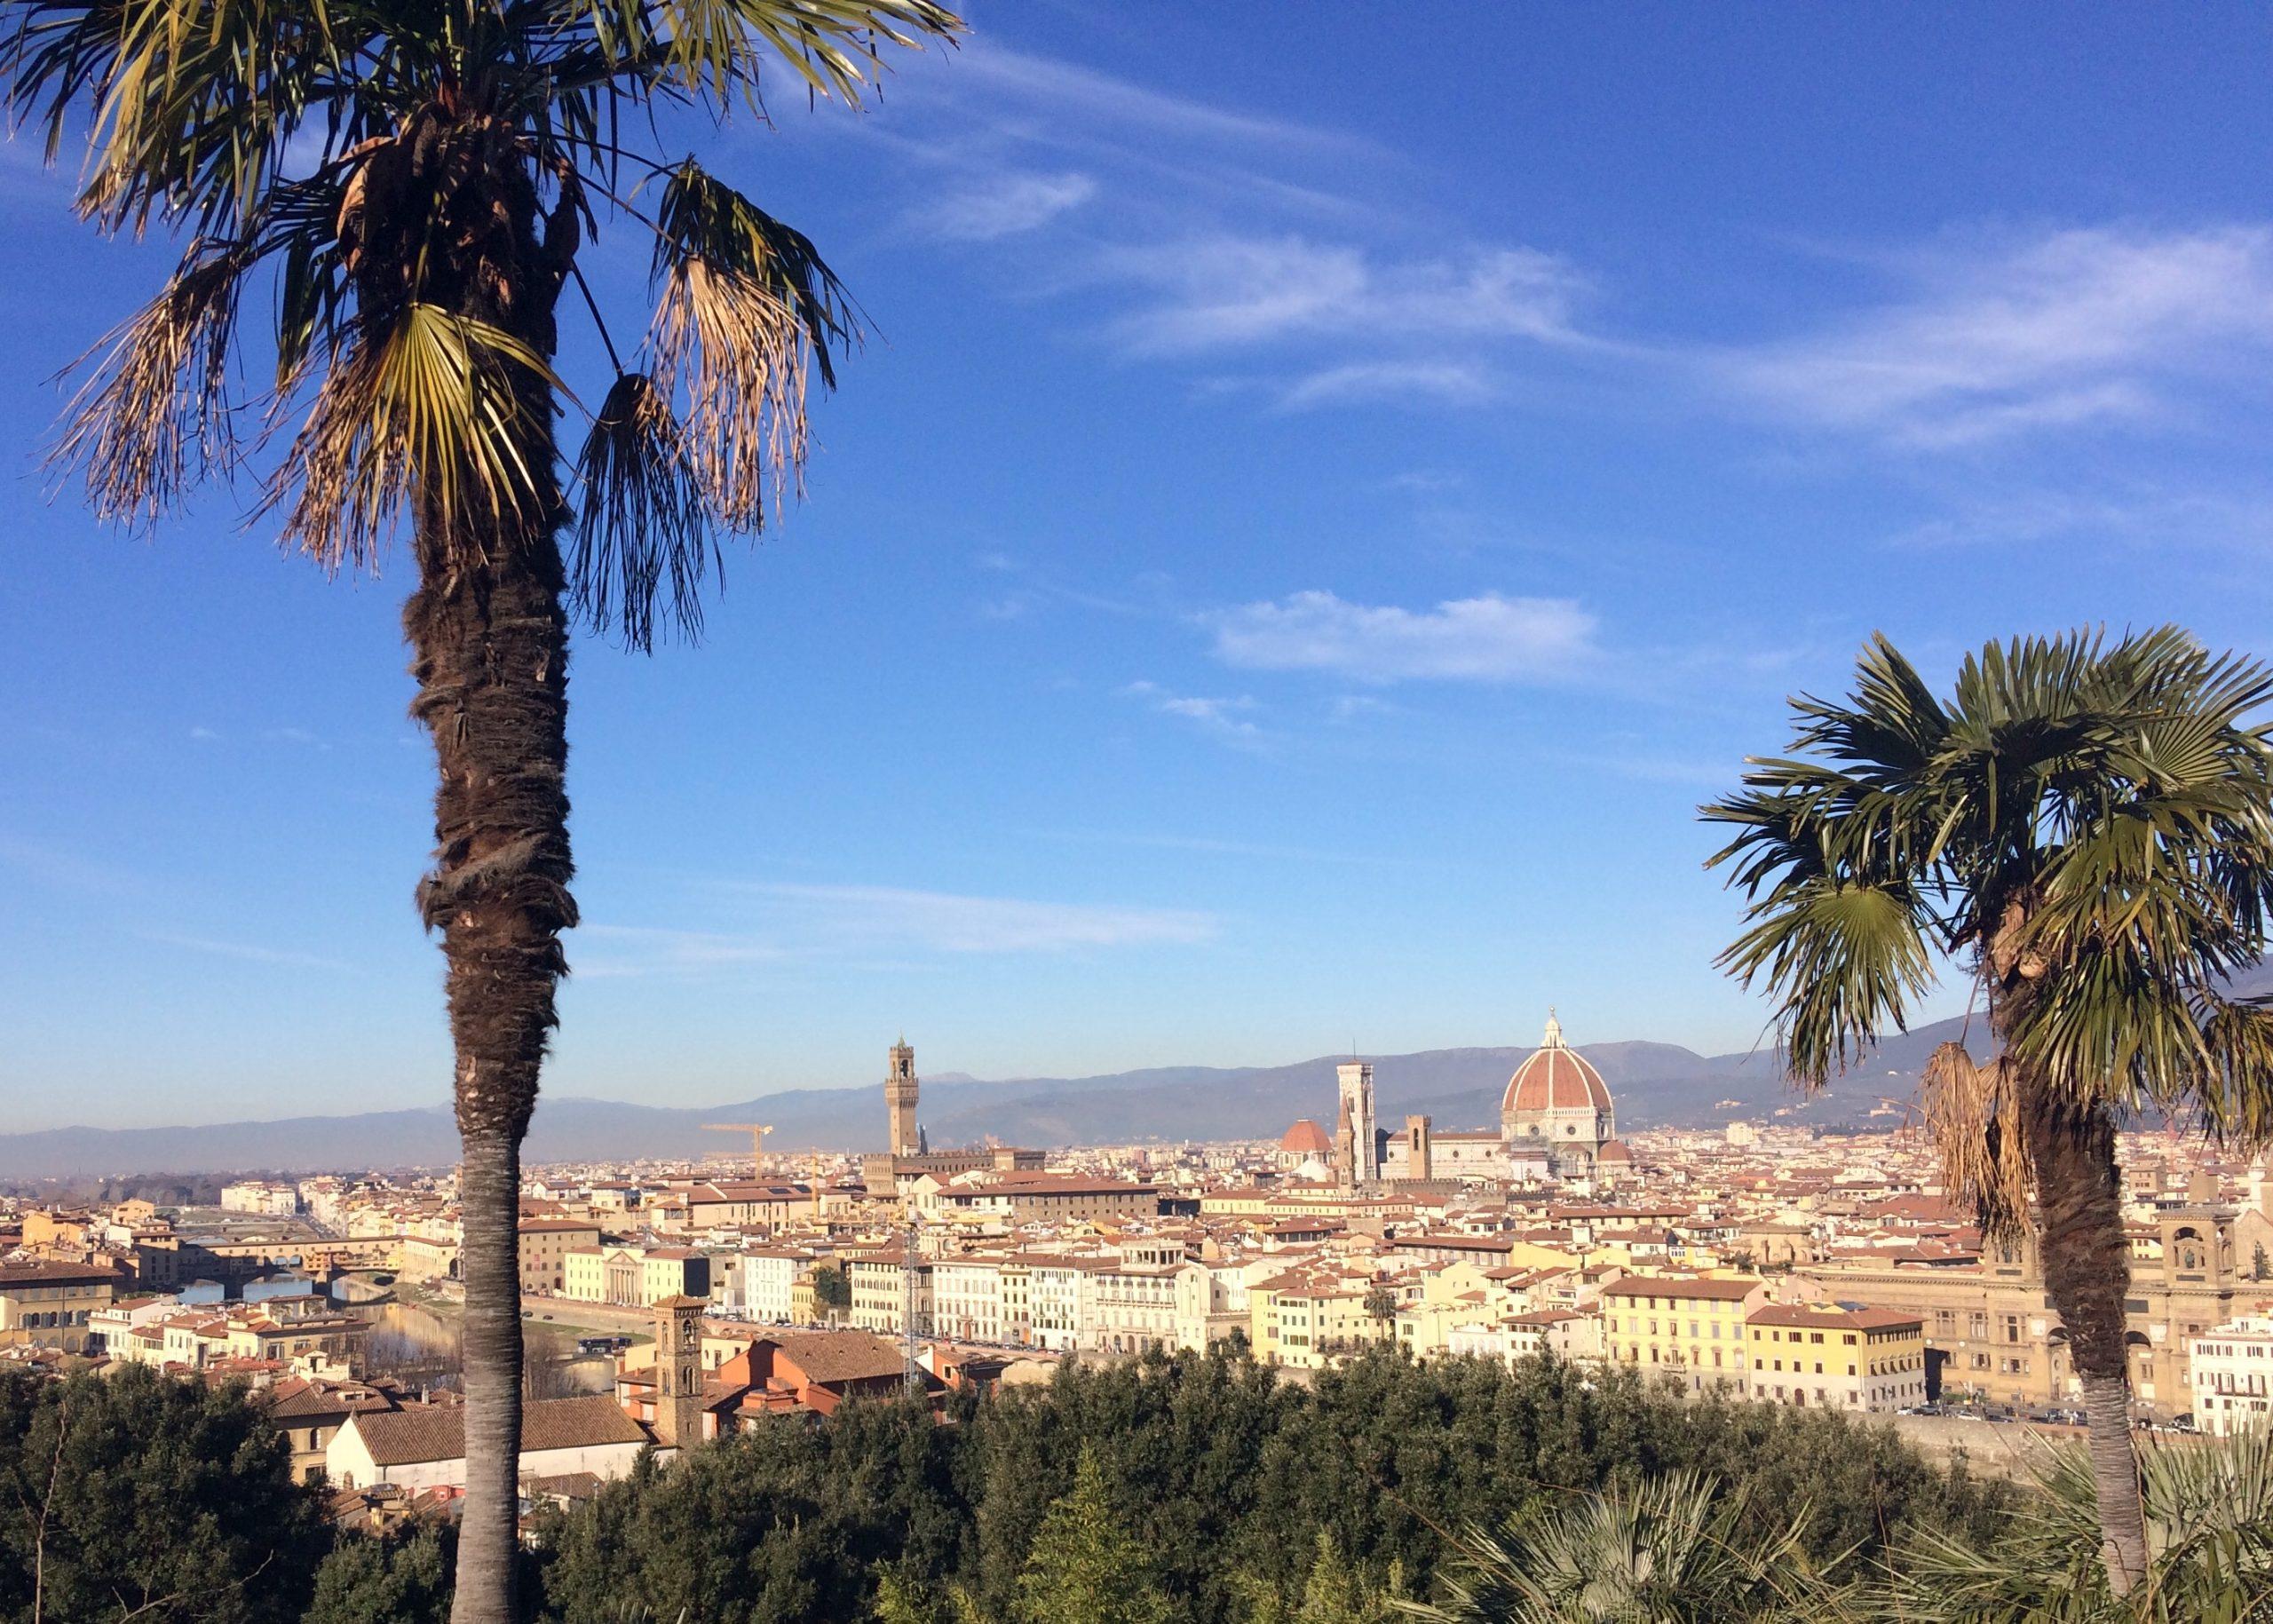 Róma-Velence-Firenze - október (6 nap) Irányár: 119.800 Ft/fő